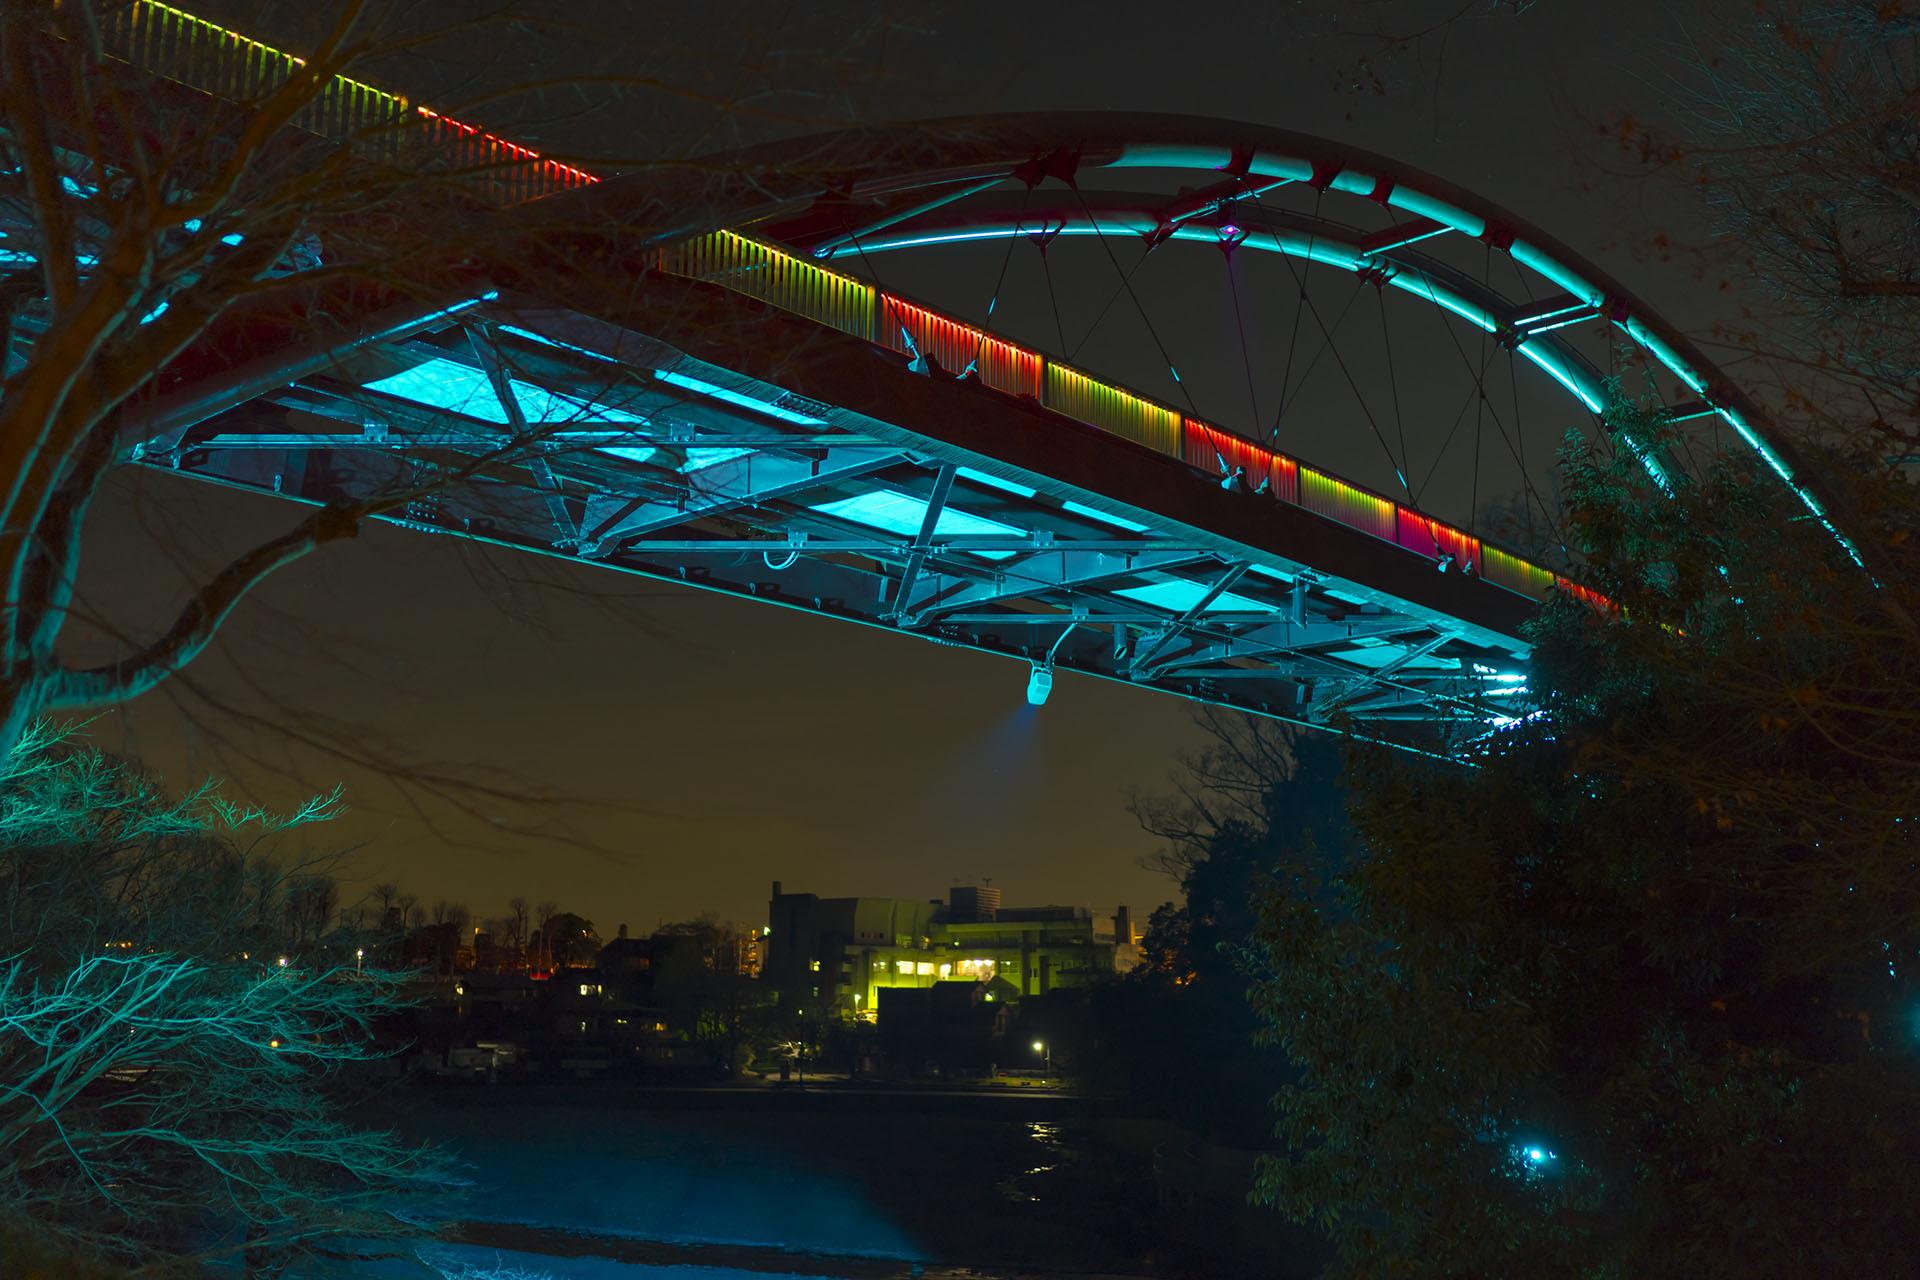 飯能河原の割岩橋ライトアップ Xmas特別ver 2018